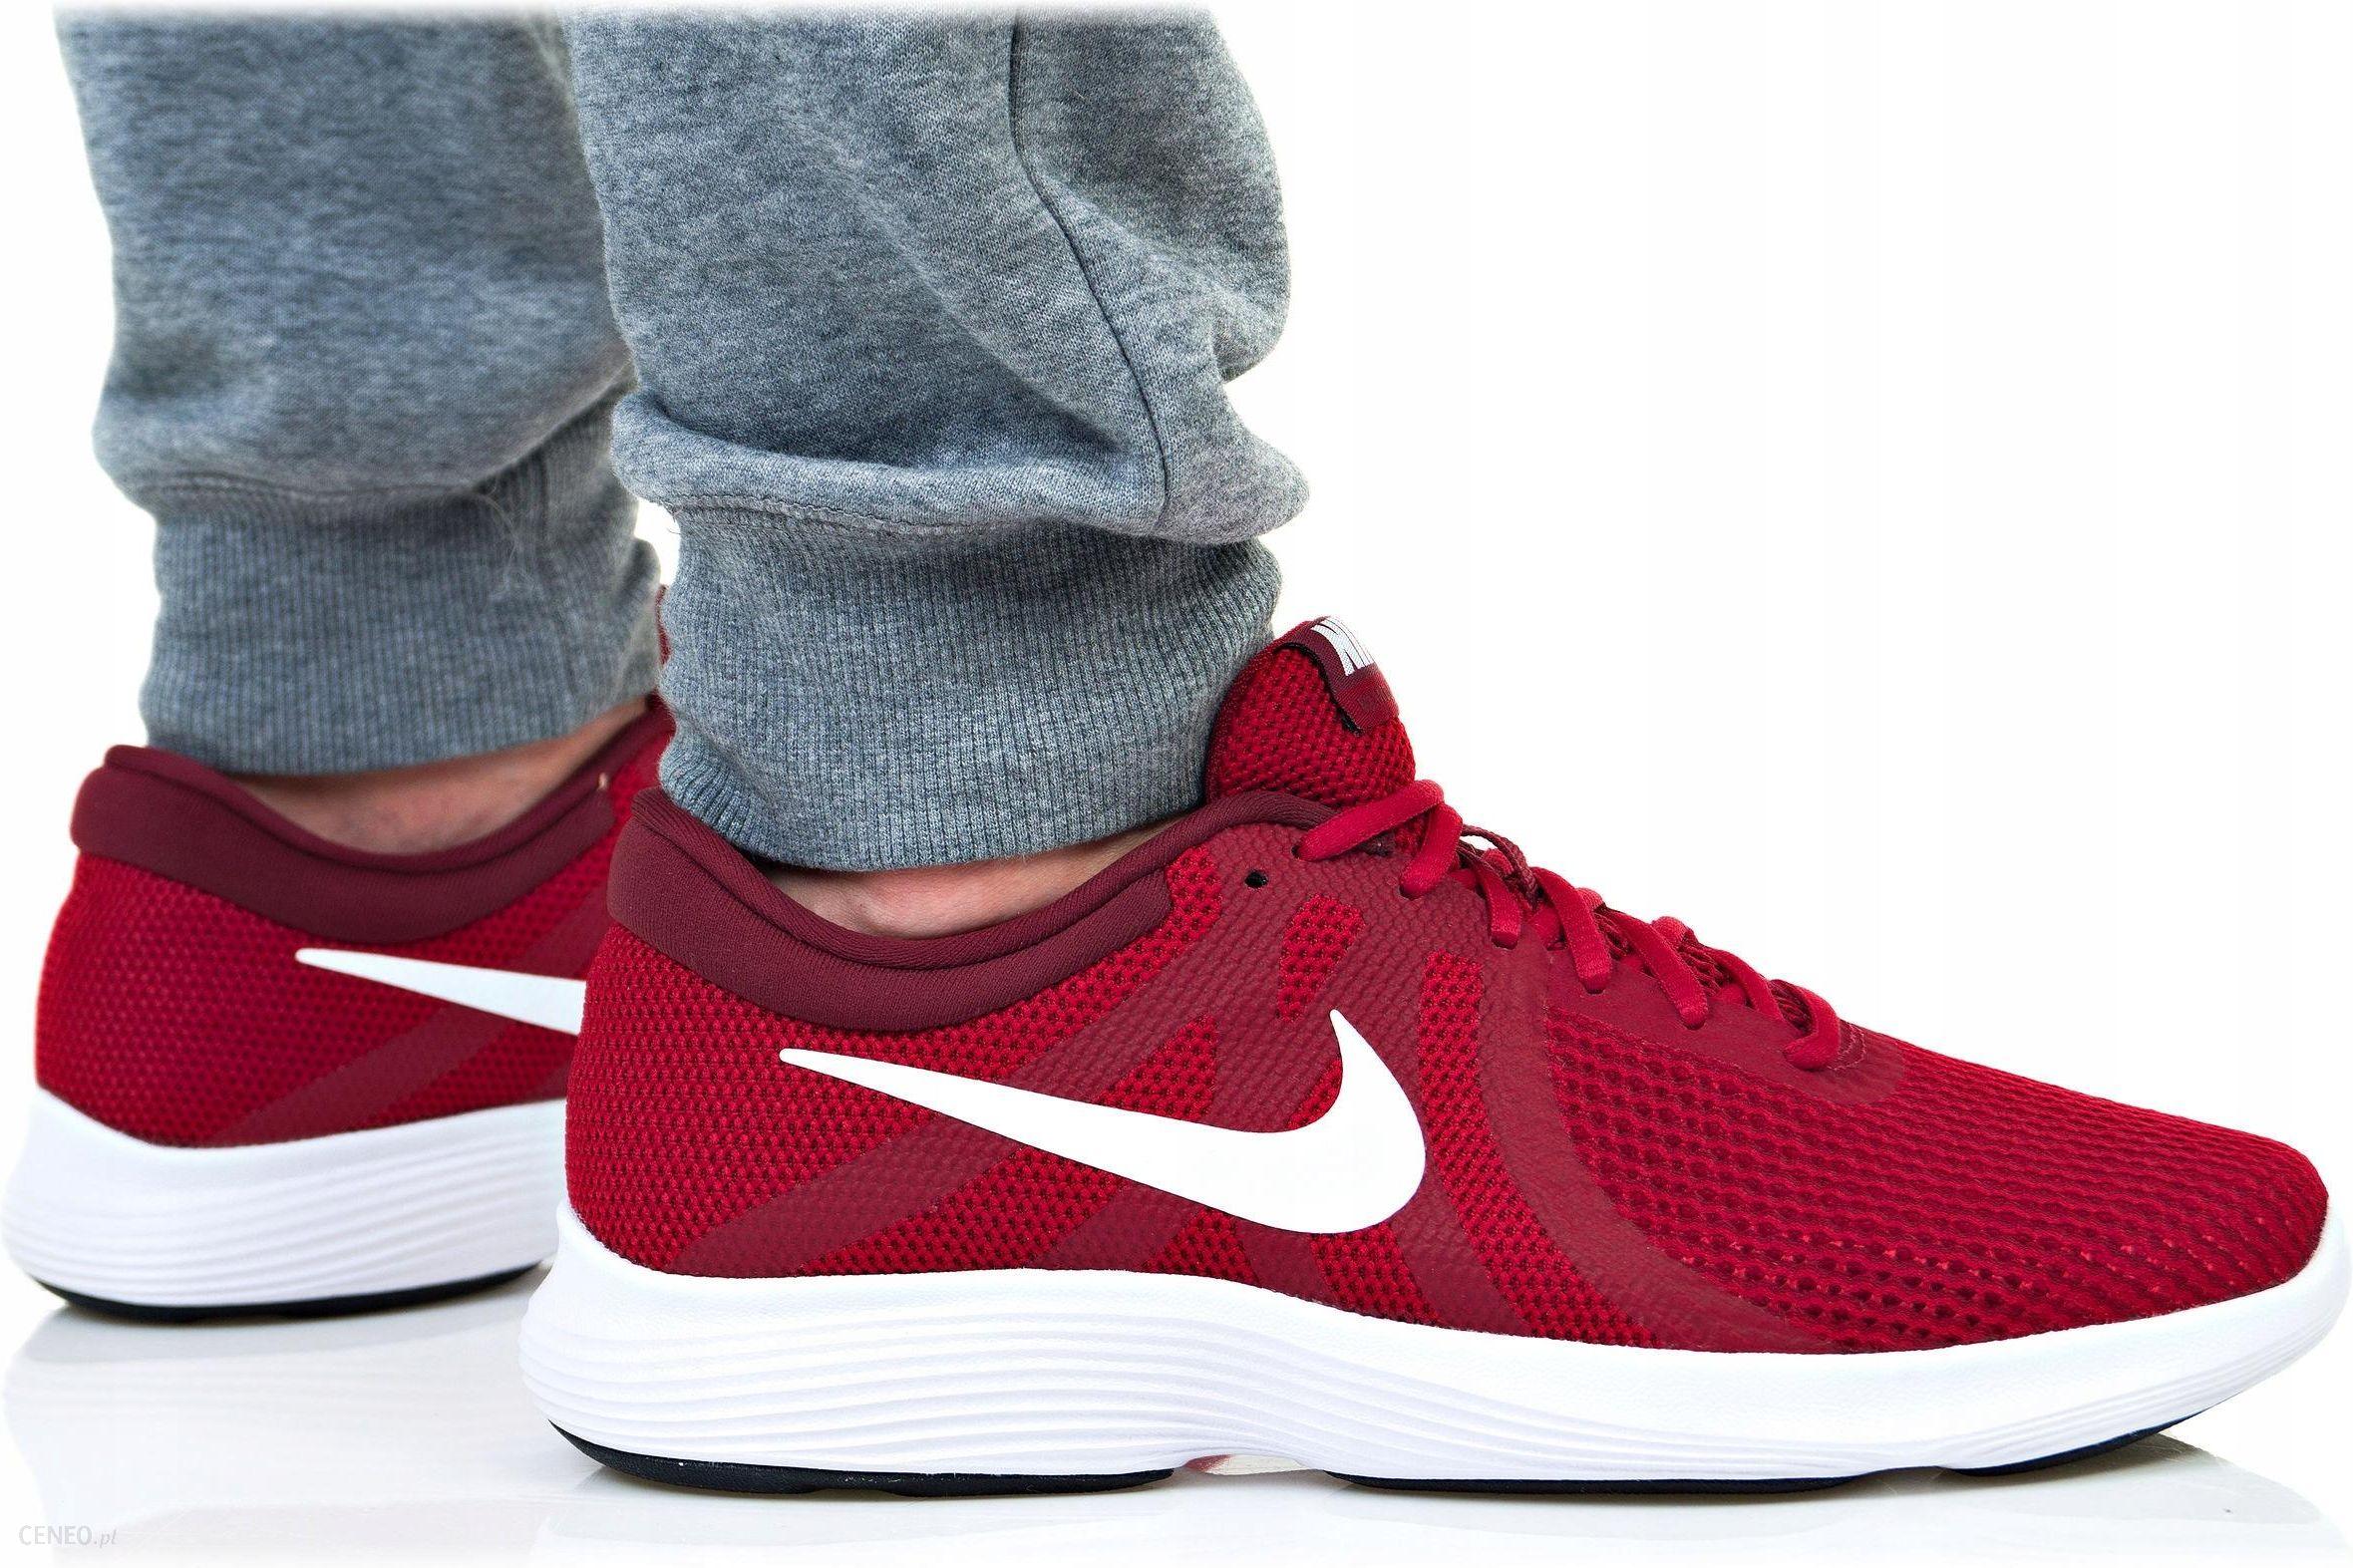 buty zimowe nike męskie czerwone